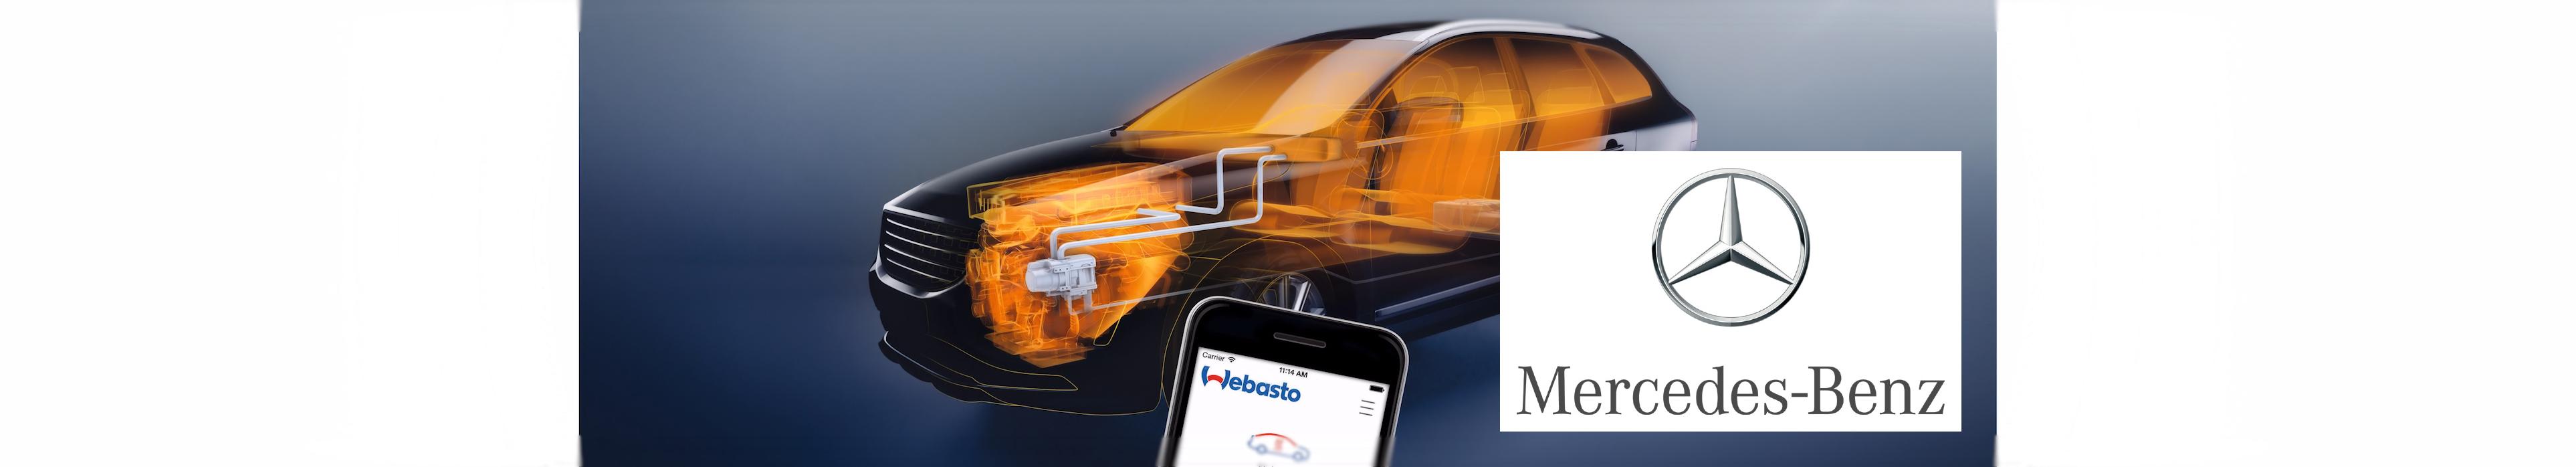 Wat kost een parkeerverwarming inbouwen bij Mercedes